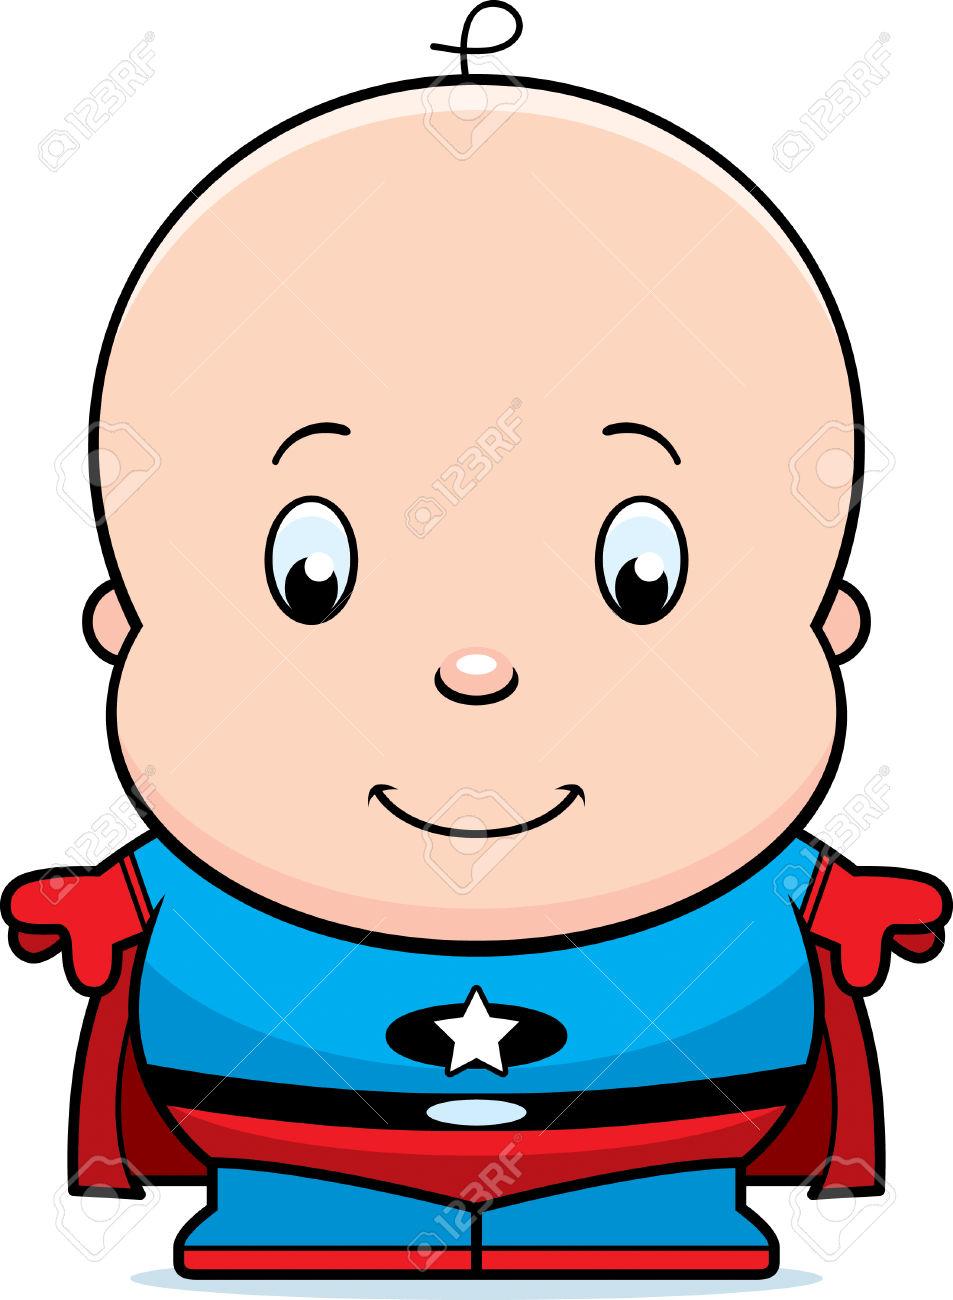 Una Ilustración De Dibujos Animados De Un Superhéroe Bebé En.